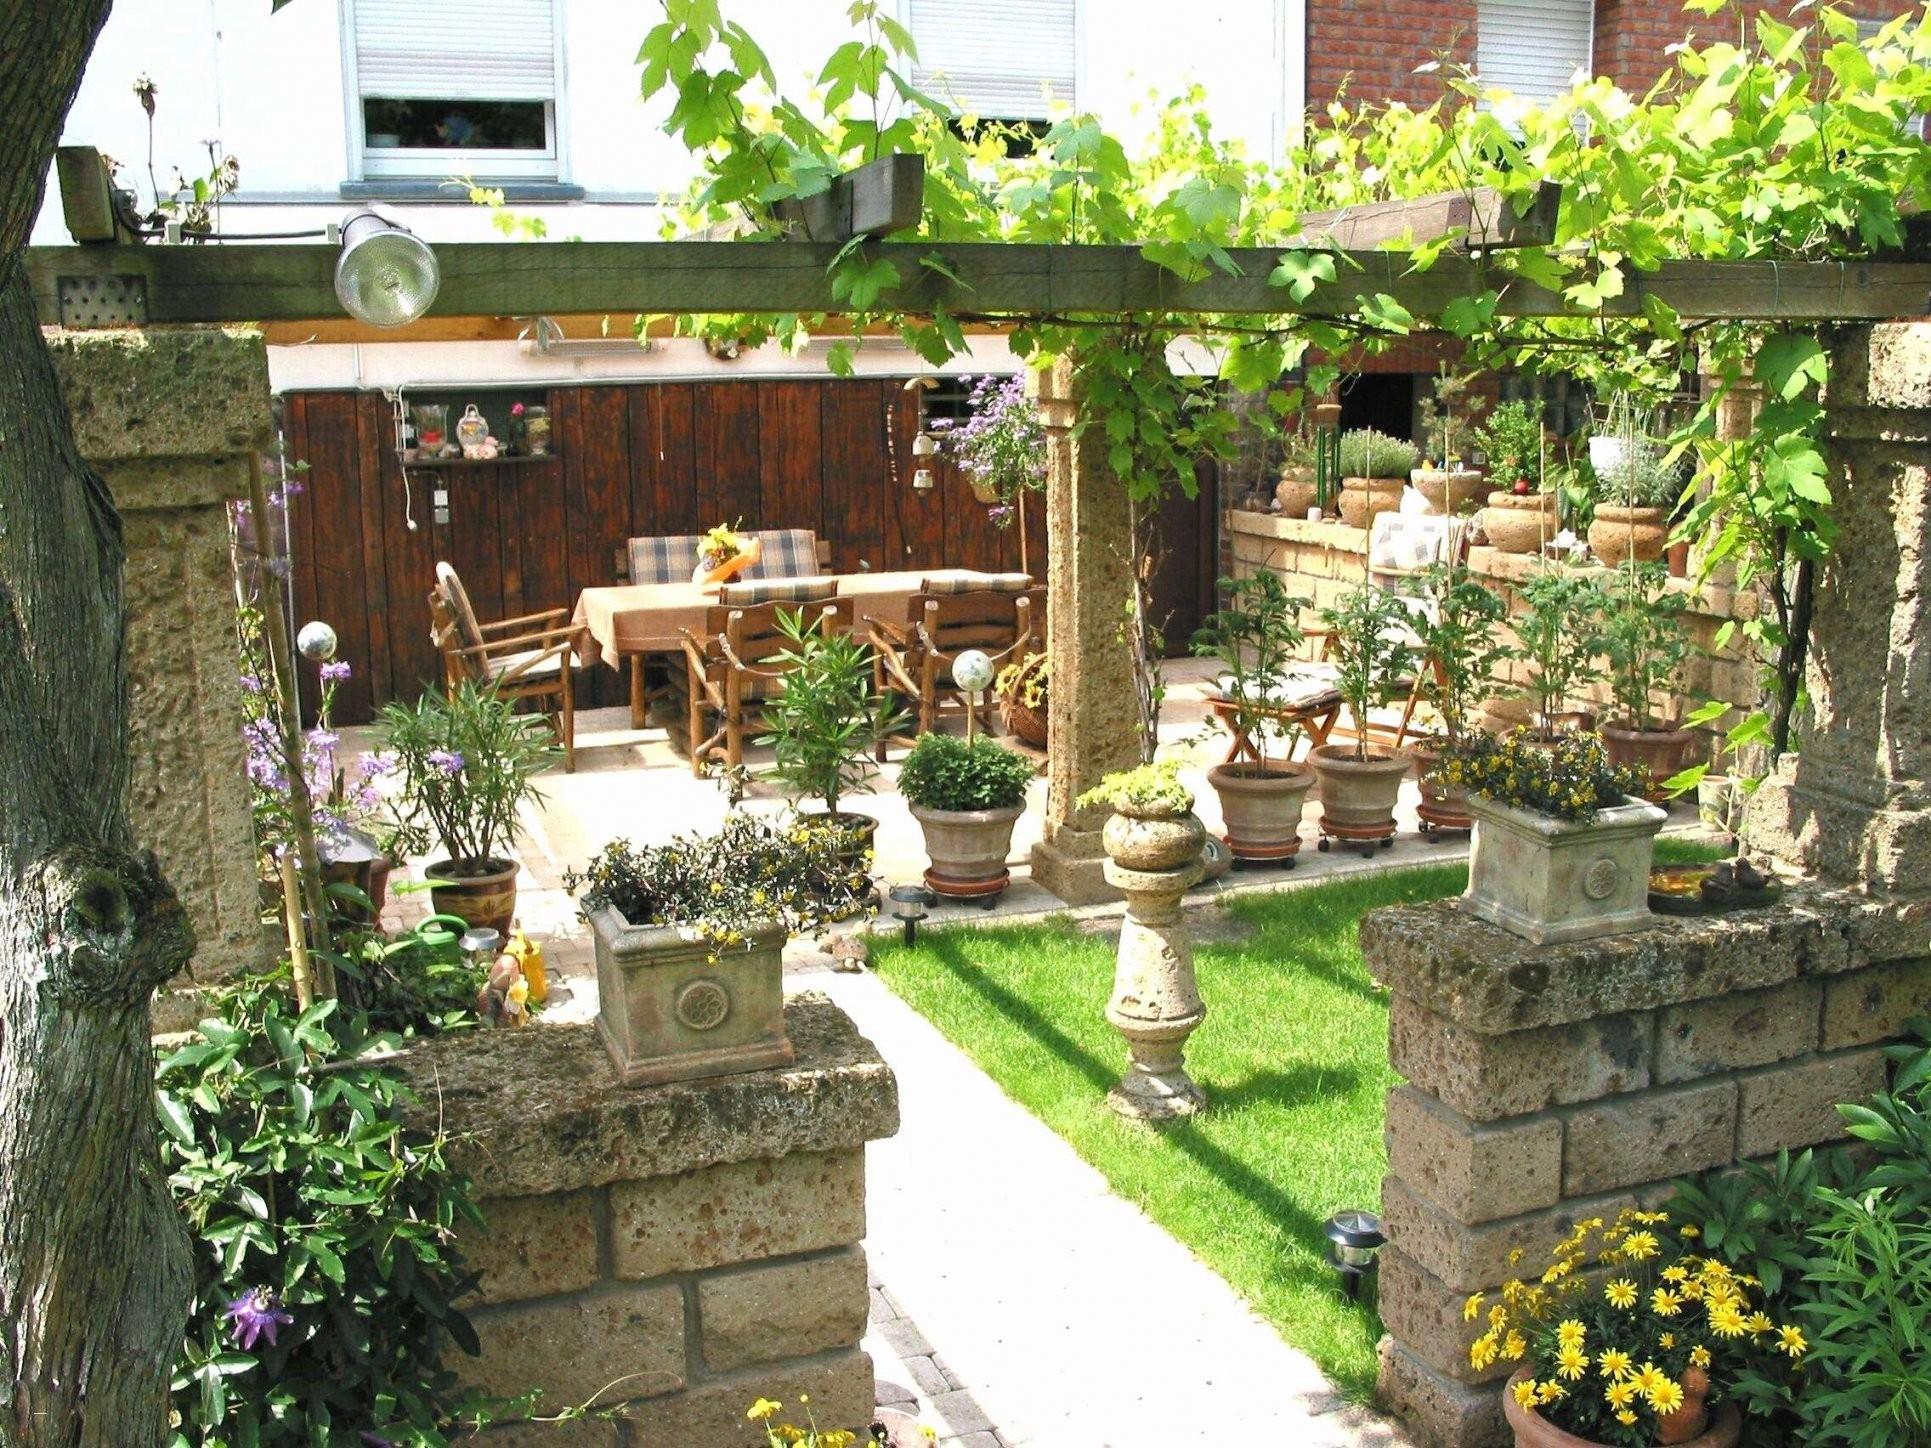 Japanischer Garten Bilder Kostenlos Schön Sichtschutz Hpl Hecke Am von Japanischer Garten Bilder Kostenlos Bild